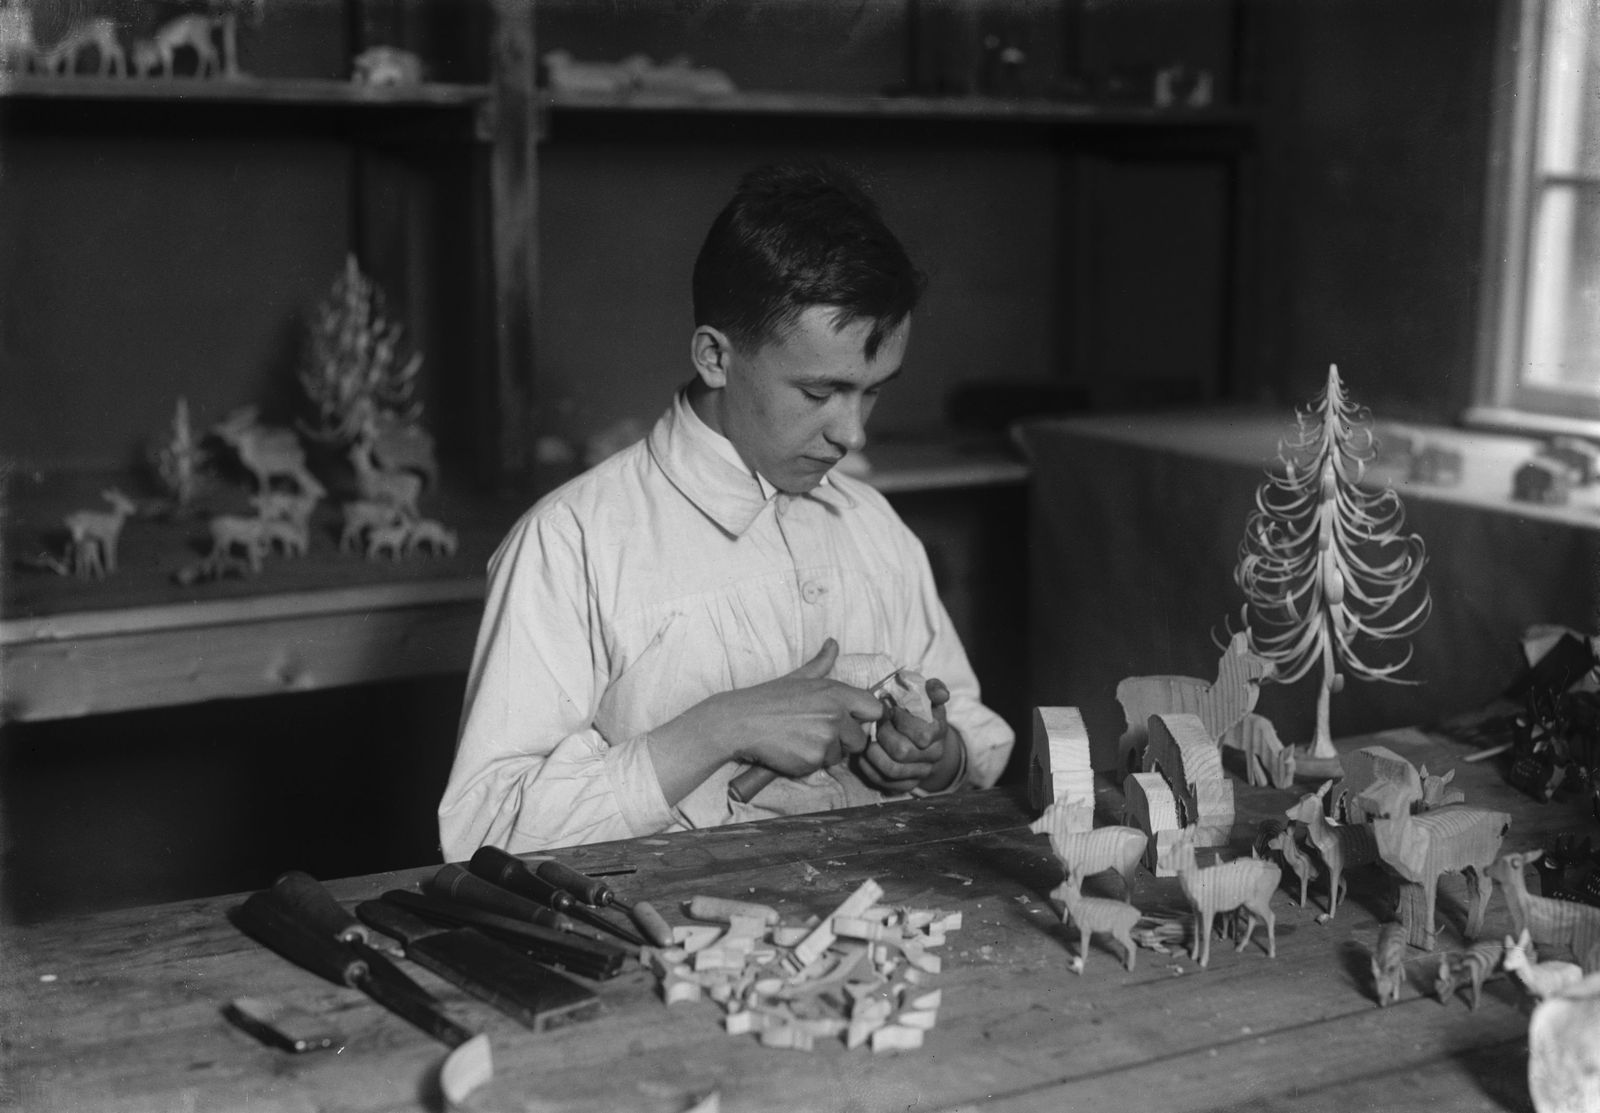 """""""Schüler beim Schnitzen der Tierfiguren"""" (1925). (c) bpk / Kunstbibliothek, SMB, Photothek Willy Römer / Willy Römer"""